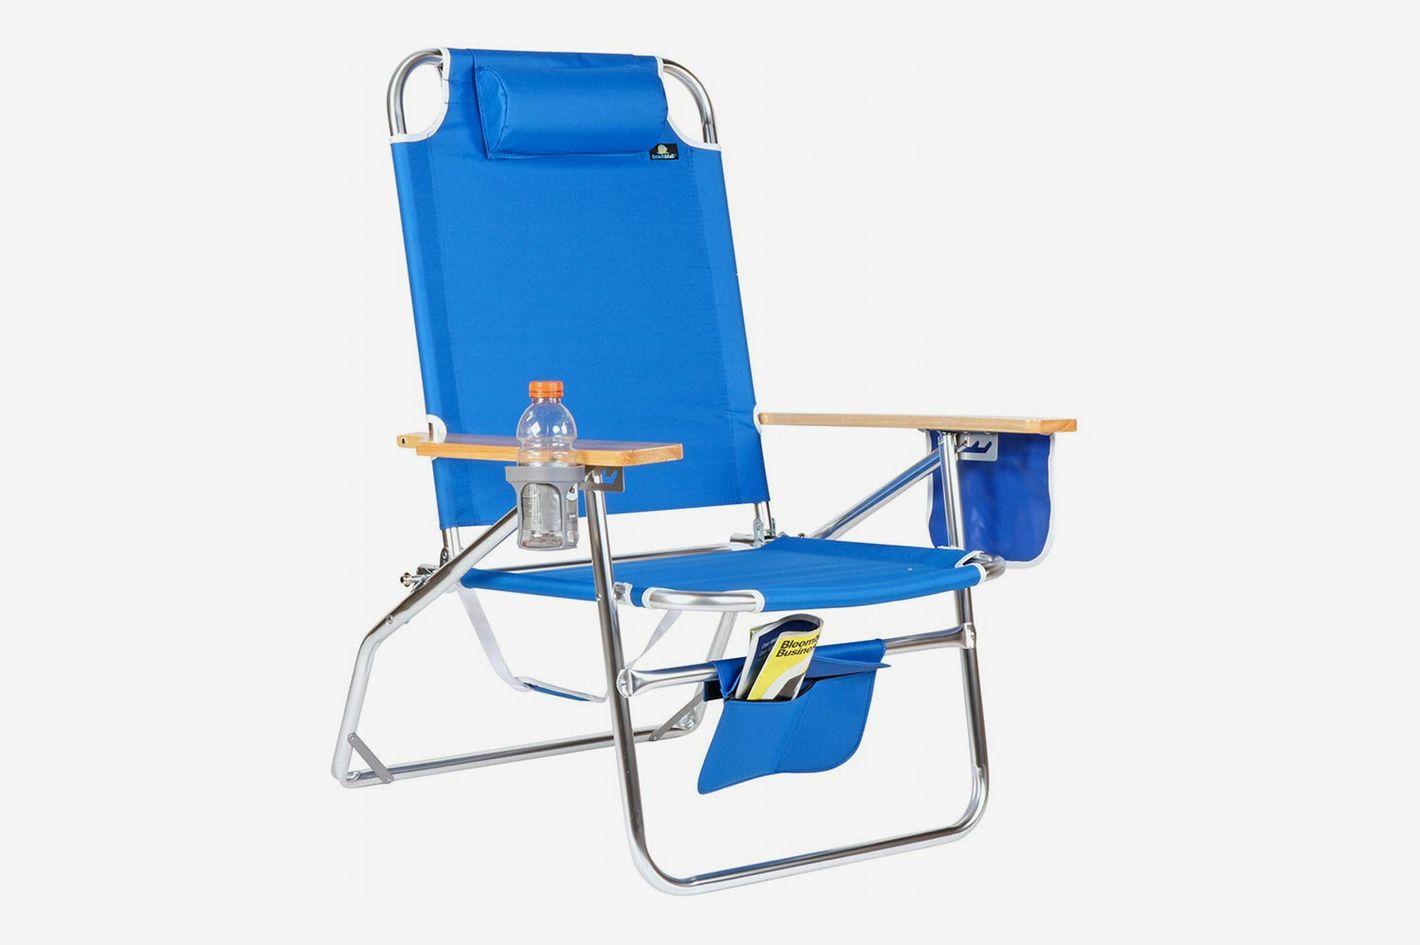 Beach Mall Heavy Duty Aluminum Beach Chair for Big u0026 Tall & The 25 Best Beach Chairs 2019